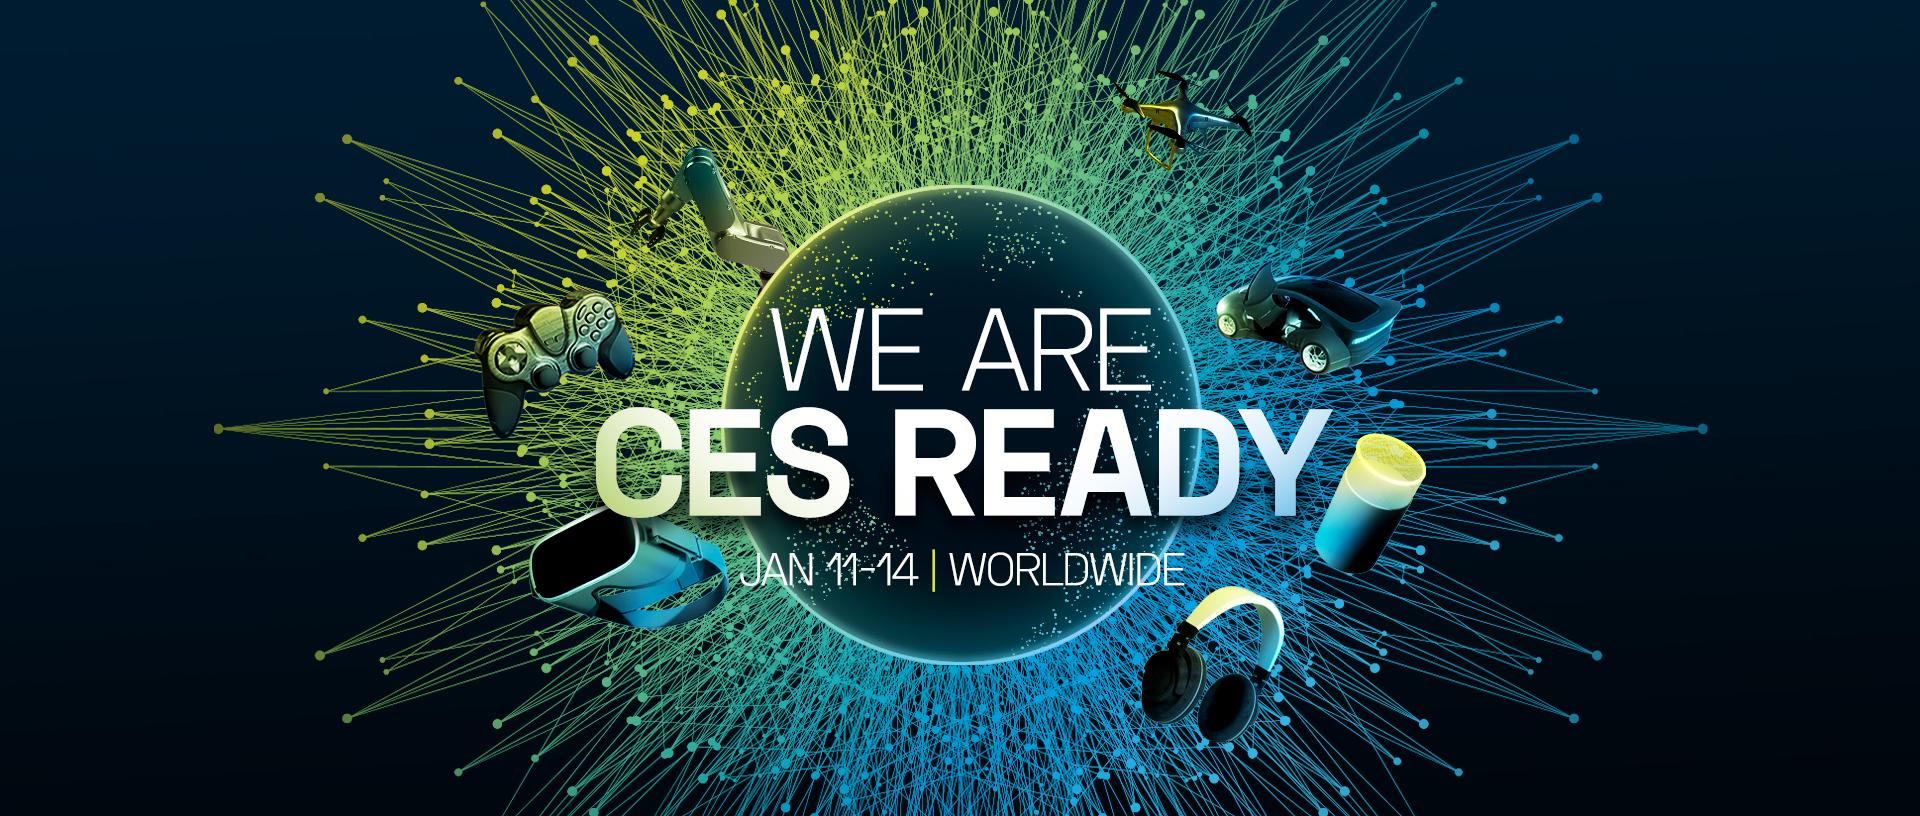 CES 2021 announcements